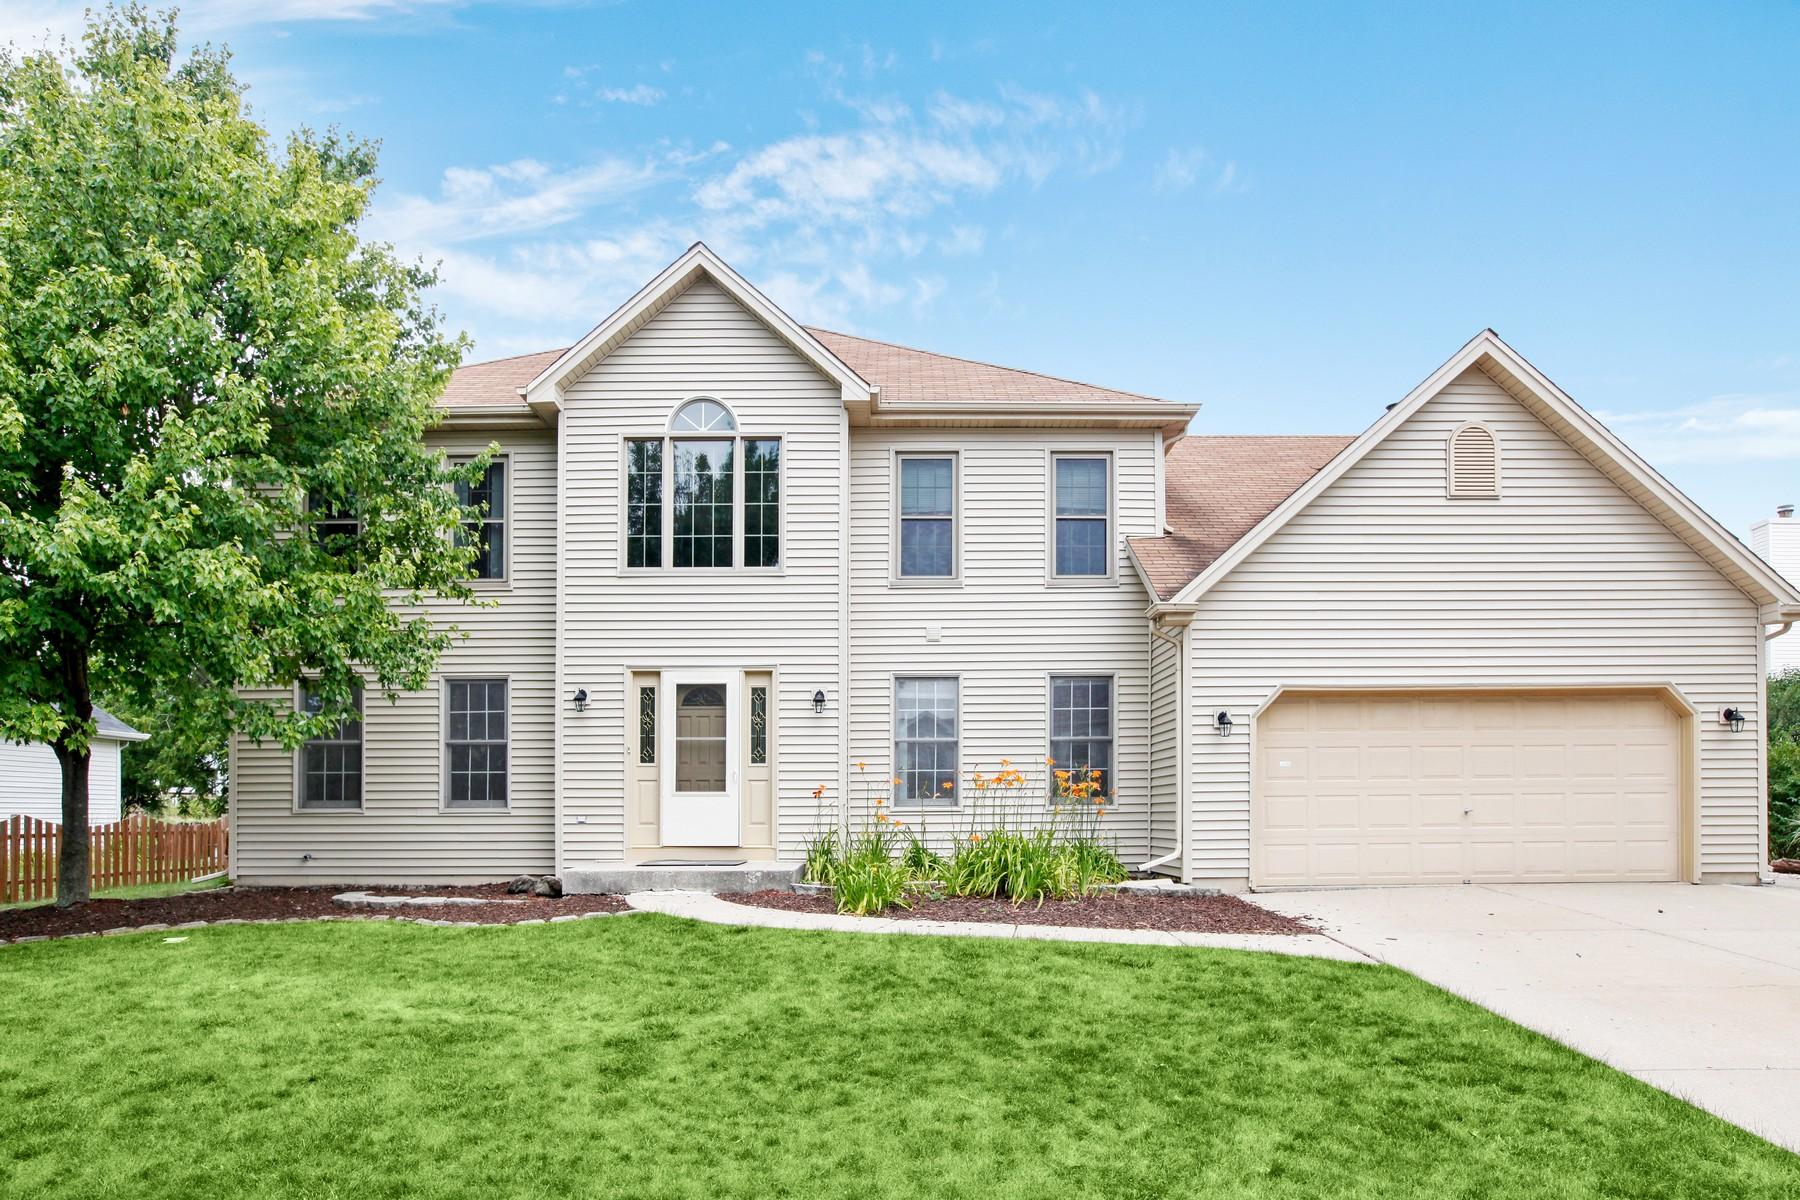 一戸建て のために 売買 アット 1432 Clear Drive, Bolingbrook Bolingbrook, イリノイ, 60490 アメリカ合衆国